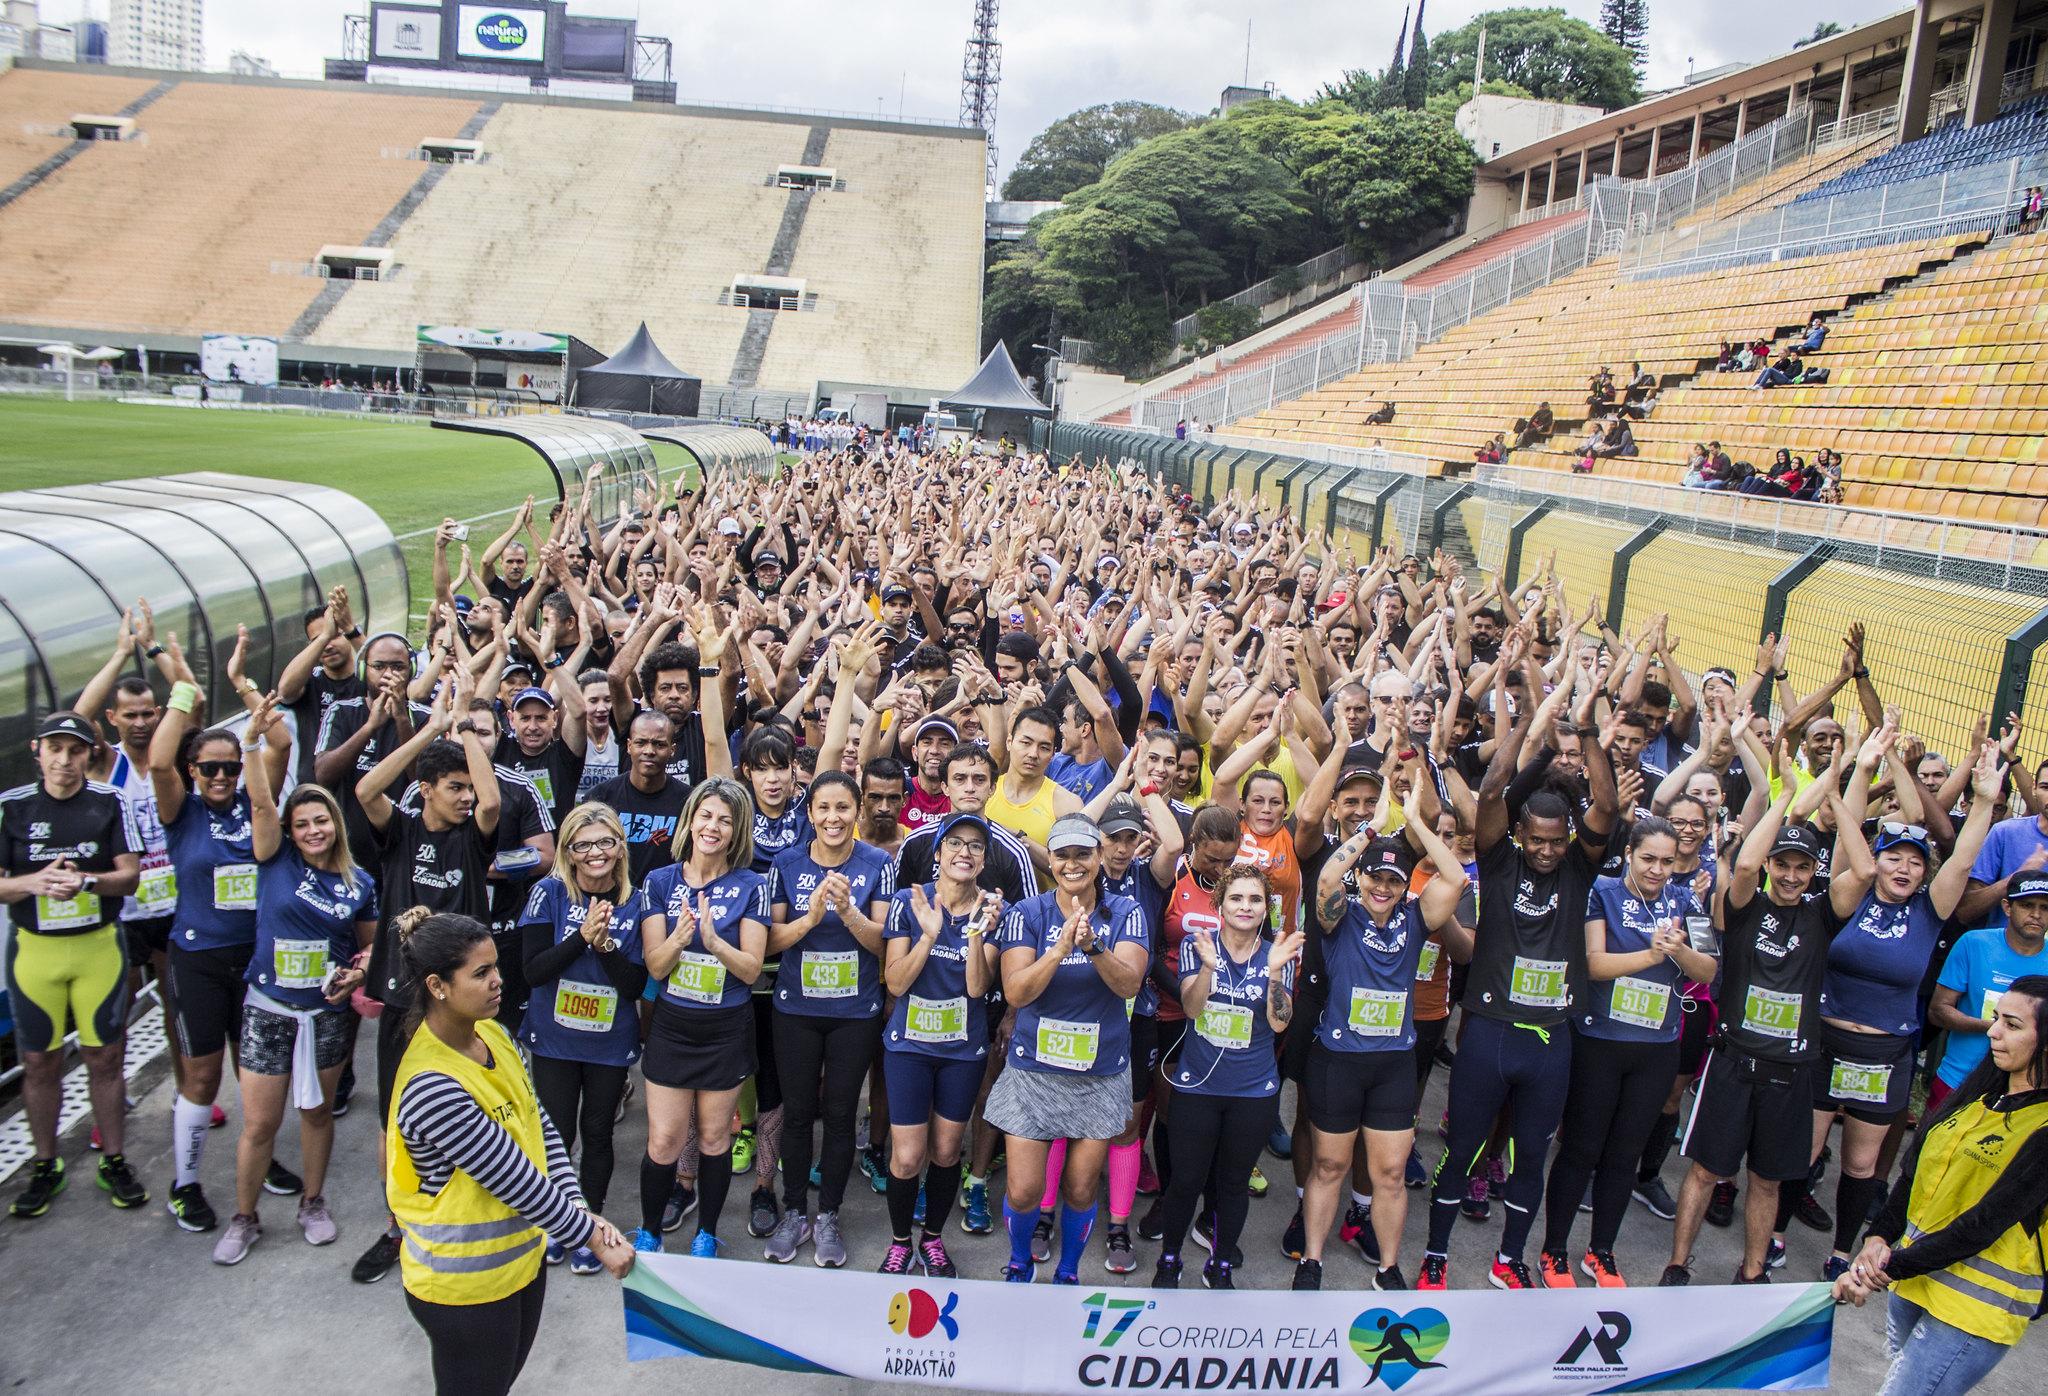 Conheça a Corrida Arrastão MPR pela Cidadania, em São Paulo - Foto: Divulgação